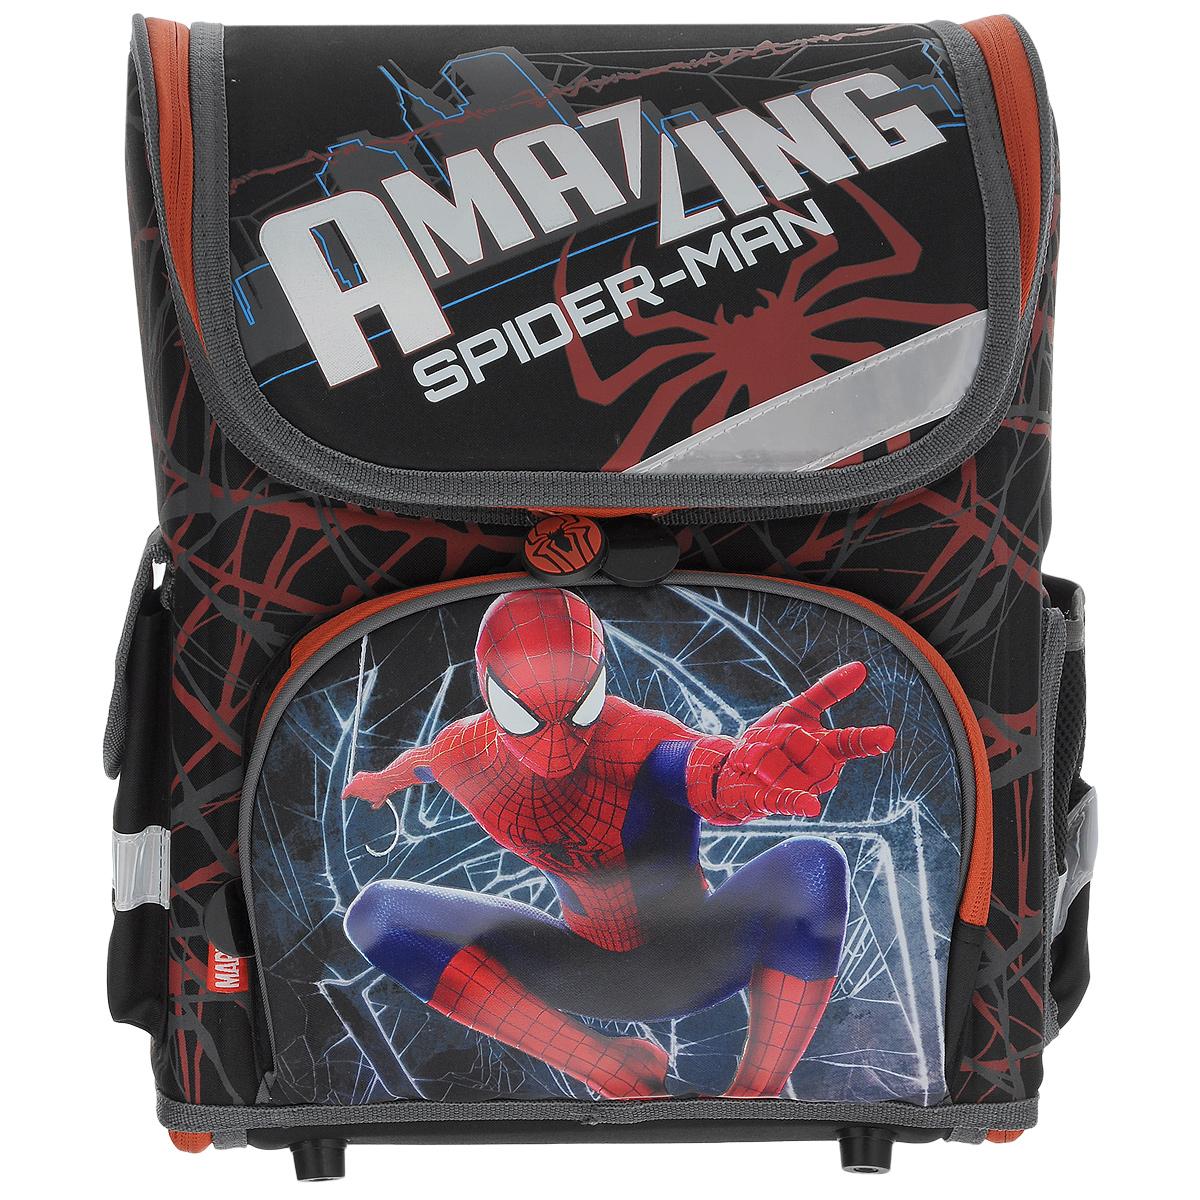 Ранец школьный Spider-man, с наполнением, цвет: черный, красныйCRORF-11T-110Школьный ранец Spider-man выполнен из современного легкого и прочного материала фиолетового цвета, дополненный яркими аппликациями с героями Spider-man. Ранец имеет одно основное отделение, закрывающееся на молнию. Ранец полностью раскладывается. Внутри главного отделения расположен накладной сетчатый карман и два разделителя с утягивающей резинкой, предназначенные для размещения предметов без сложения, размером до формата А4 включительно. На лицевой стороне ранца расположен накладной карман на молнии. По бокам ранца размещены два дополнительных накладных кармана, один на застежке-молнии, и один открытый. Рельеф спинки ранца разработан с учетом особенности детского позвоночника.Ранец оснащен удобной ручкой для переноски и двумя широкими лямками, регулируемой длины. Дно ранца защищено пластиковыми ножками. Многофункциональный школьный ранец станет незаменимым спутником вашего ребенка в походах за знаниями. В комплекте с ранцем идет наполнение: Альбом для рисования, формат 290х205, 20 листов; Тетрадь в клетку, 12 листов;Тетрадь в линейку, 12 листов; Дневник школьный; Пластиковая папка-уголок; Ластик школьный; Карандаш чернографитный, 3 шт. Весь товар из наполнения с изображениями Spider-man.